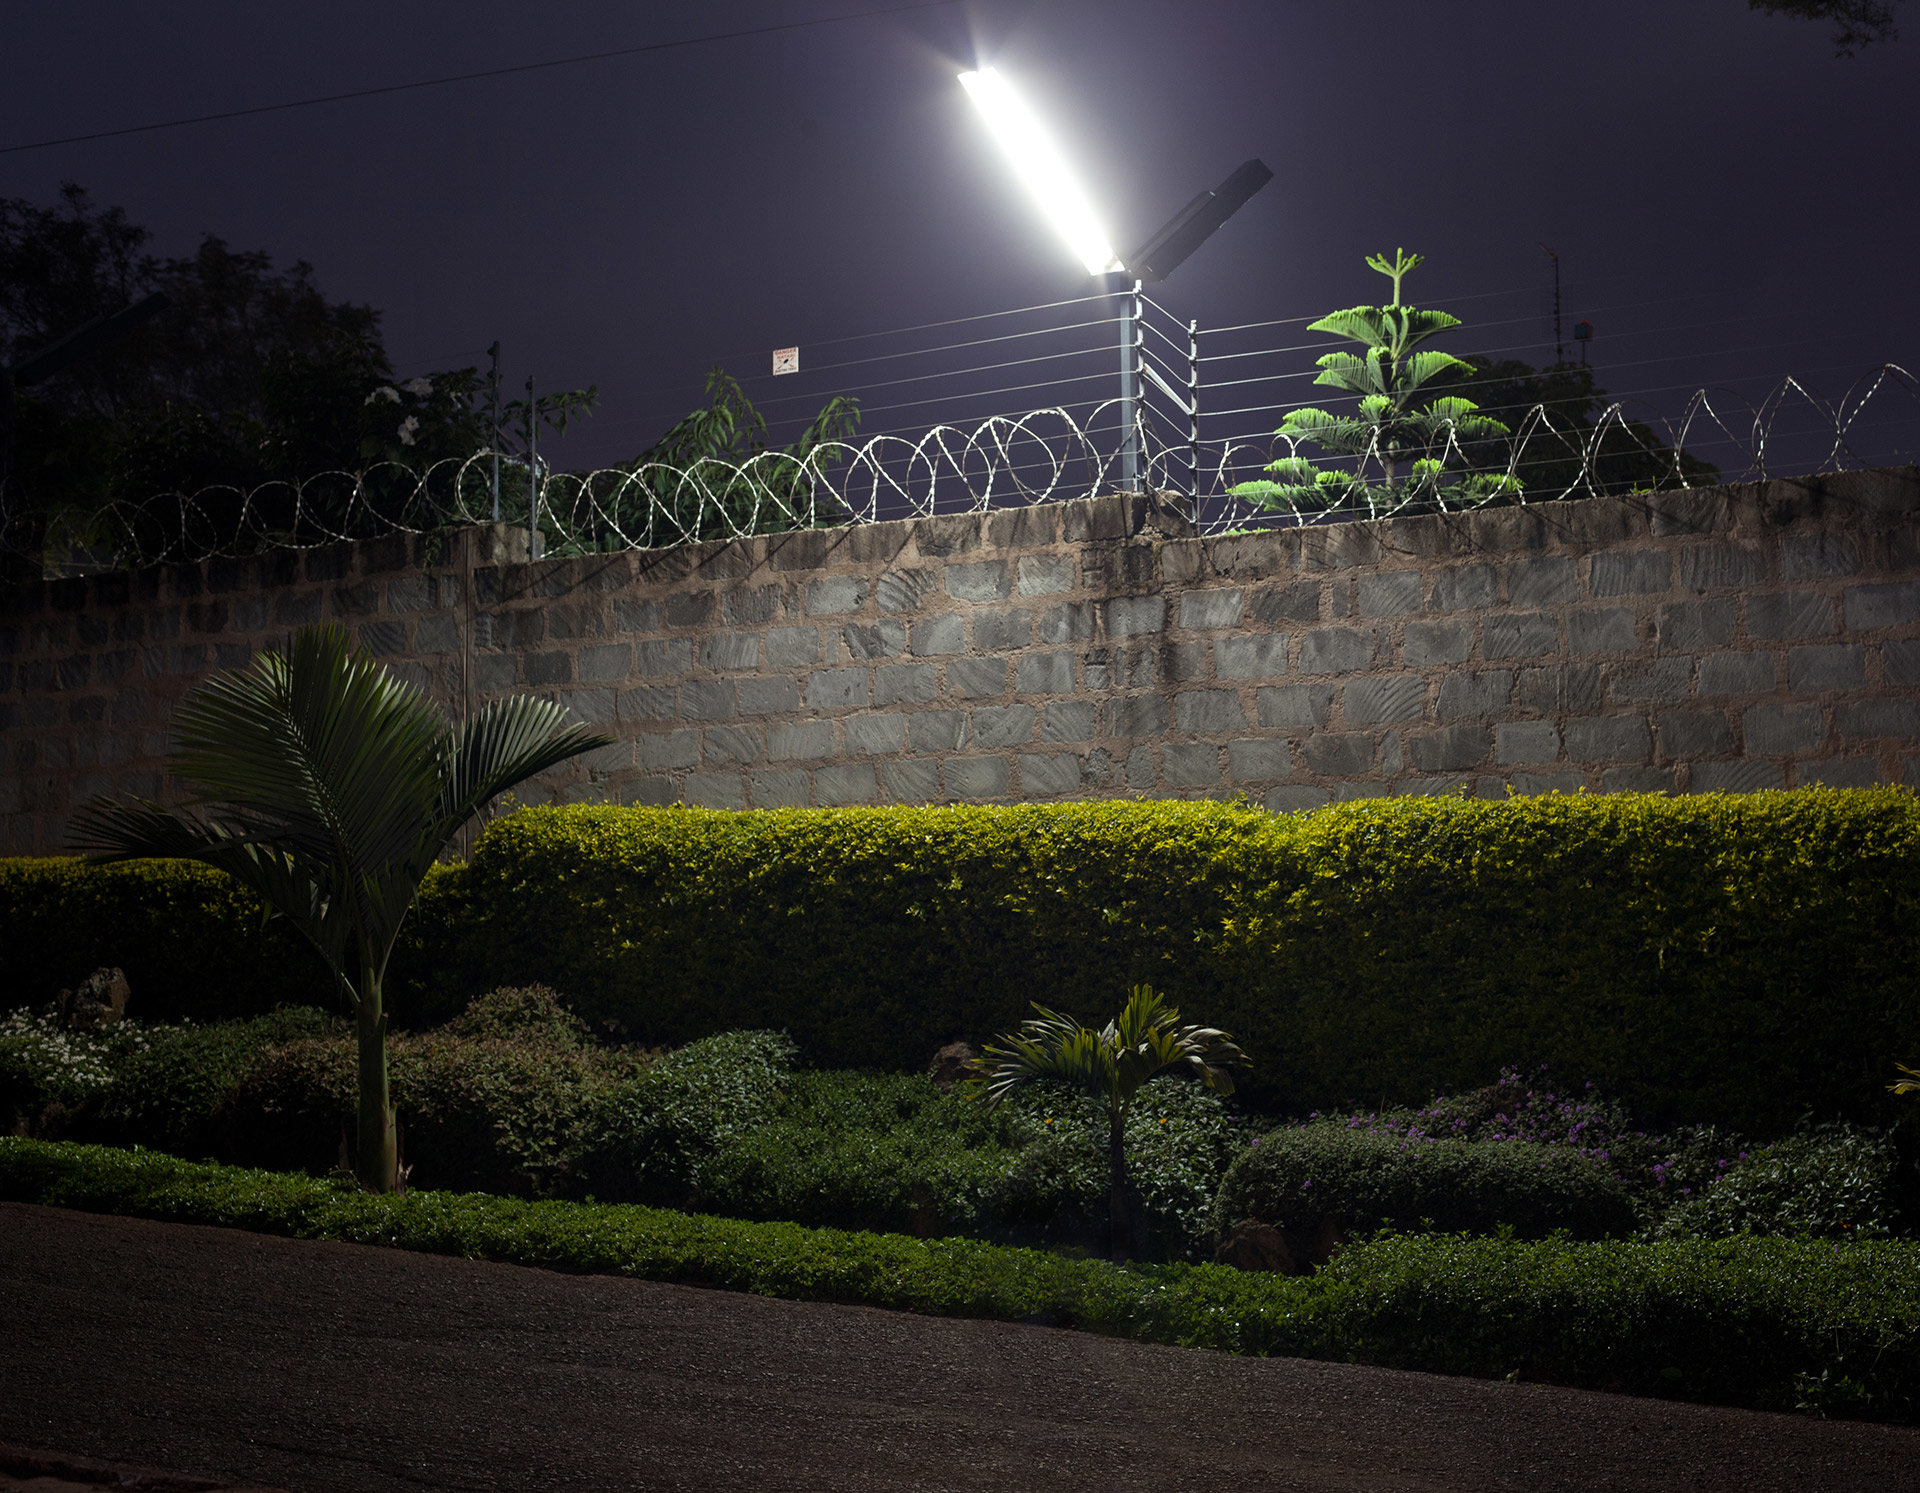 Viele Wohnhäuser von Menschen der Mittel- und Oberschicht werden durch hohe Zäune gesichert und permanent überwacht.